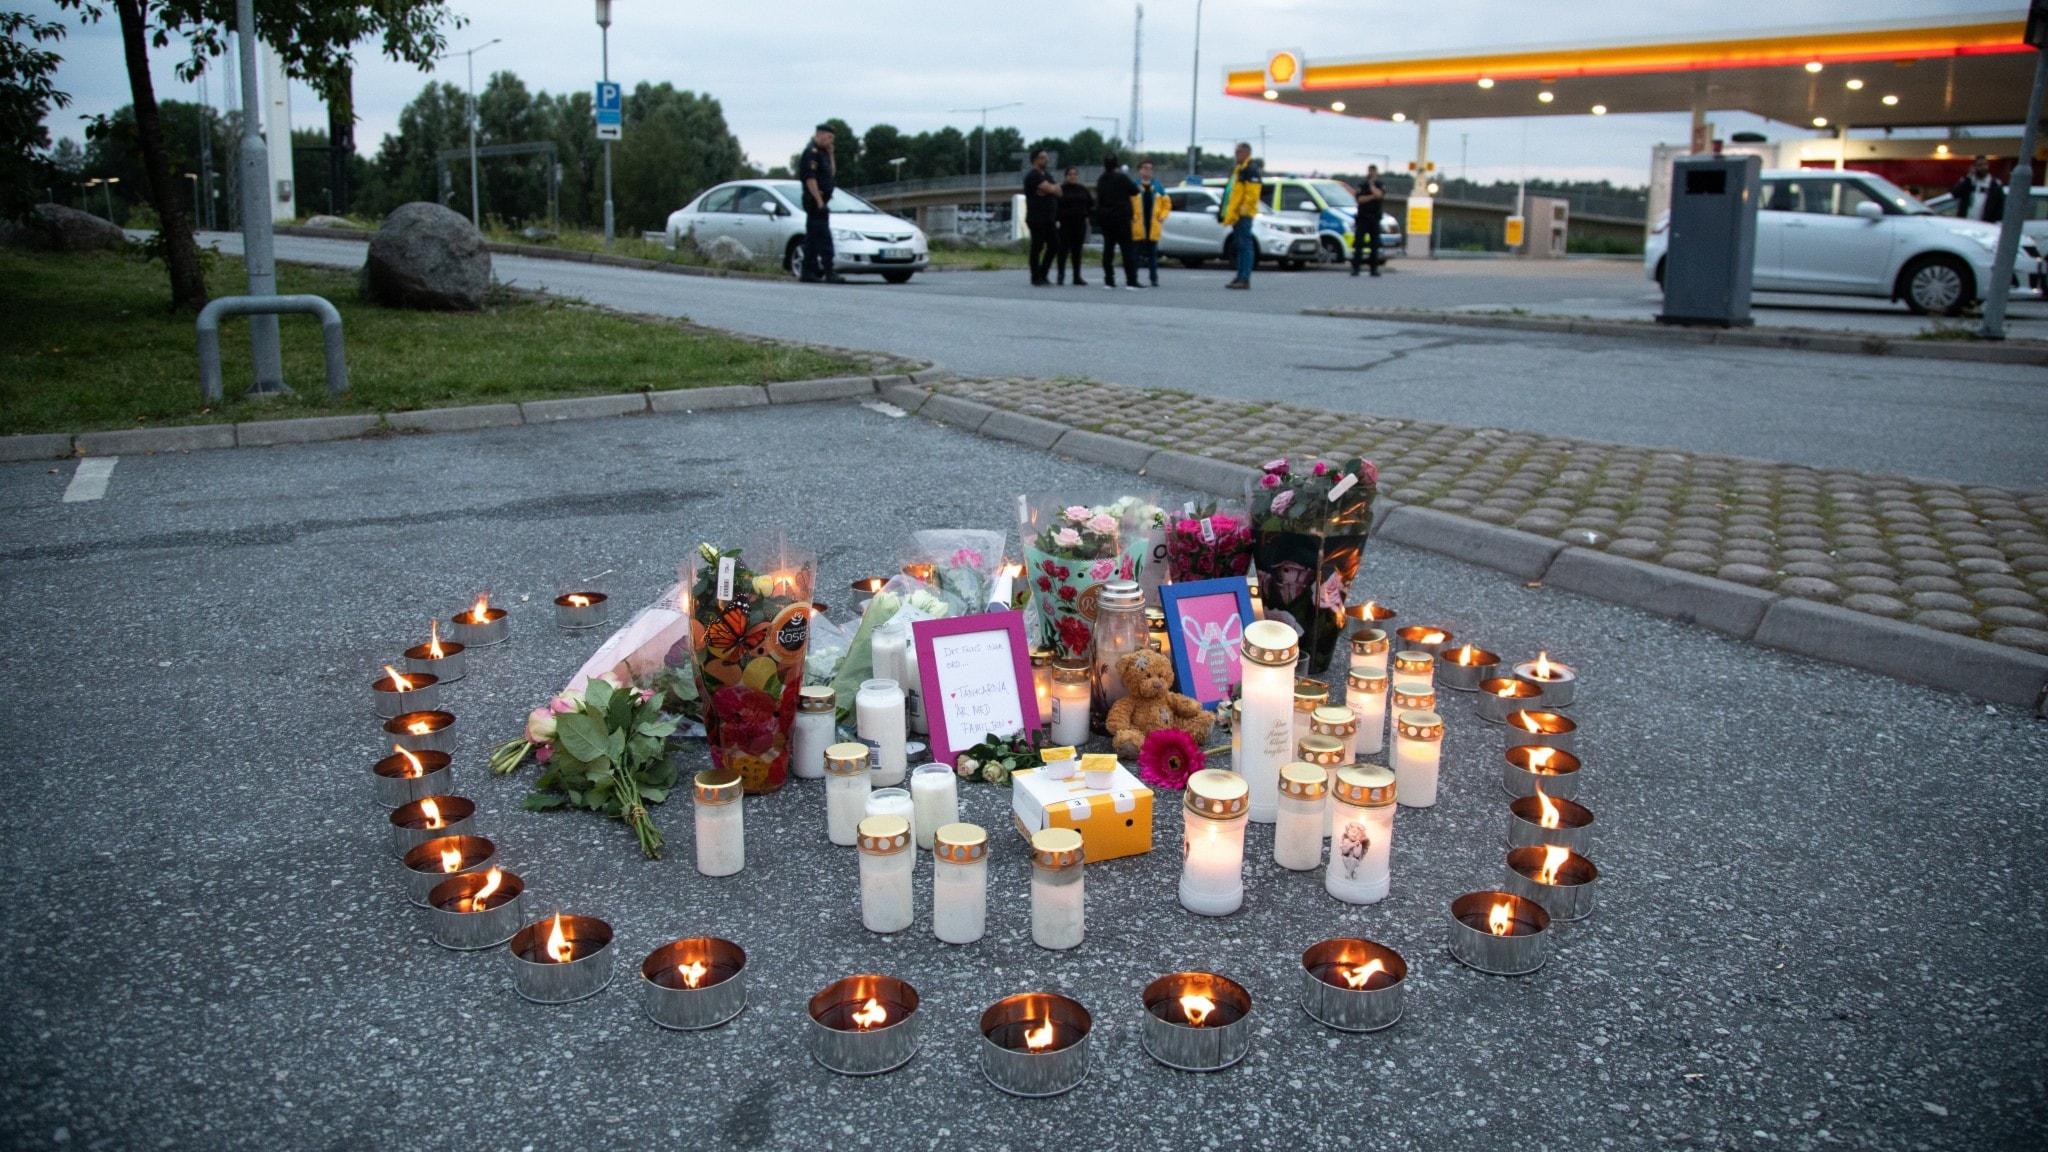 I Adrianas fotspår – om rädslan för våldet och skjutningarna i Botkyrka